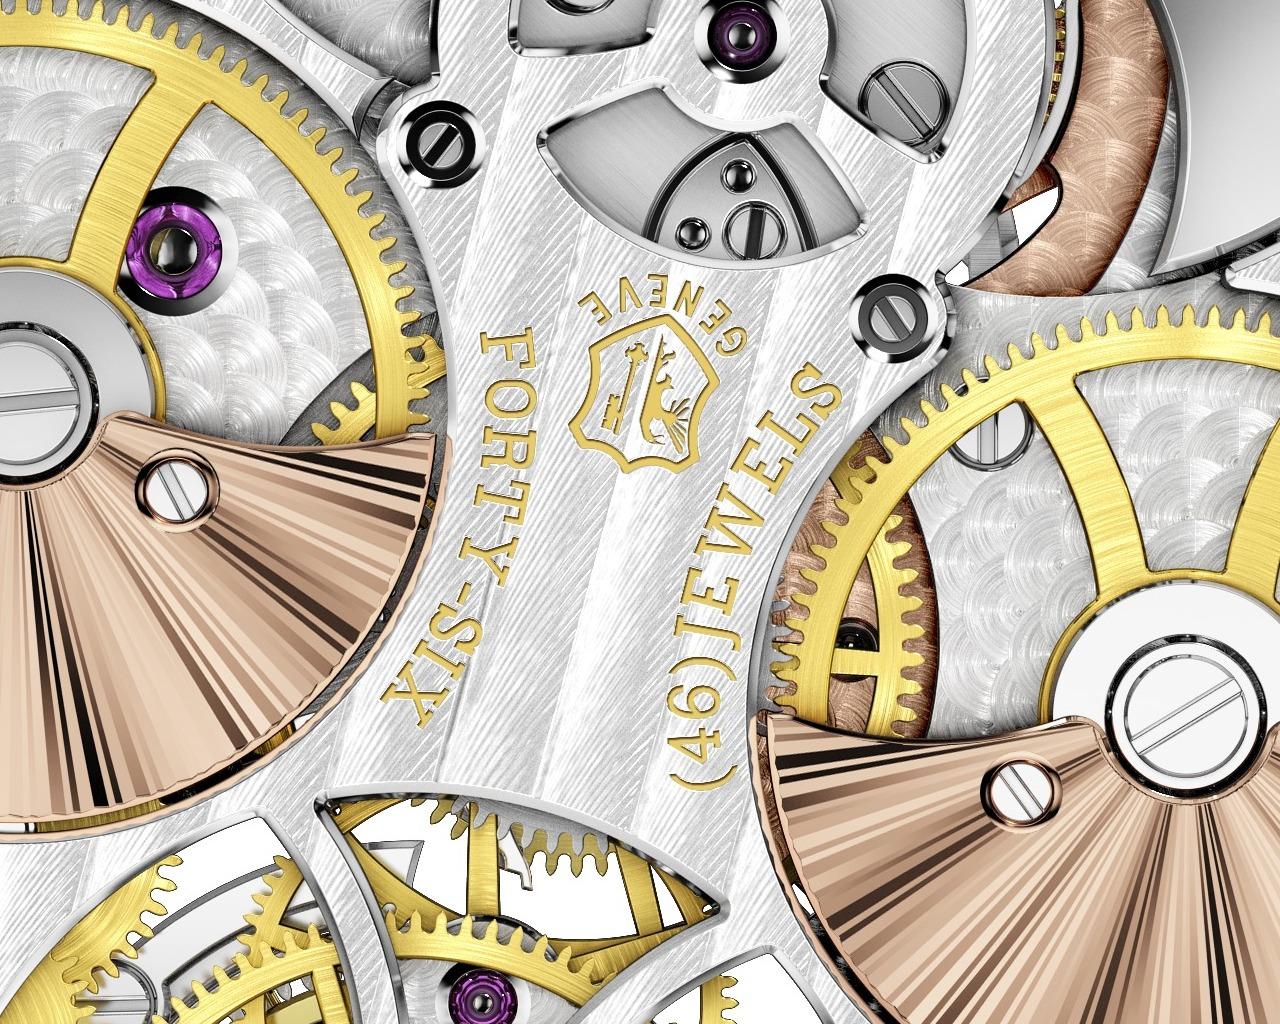 roger-dubuis-hommage-ripetizione-minuti-tourbillon-automatico-limited-edition-0-100_14